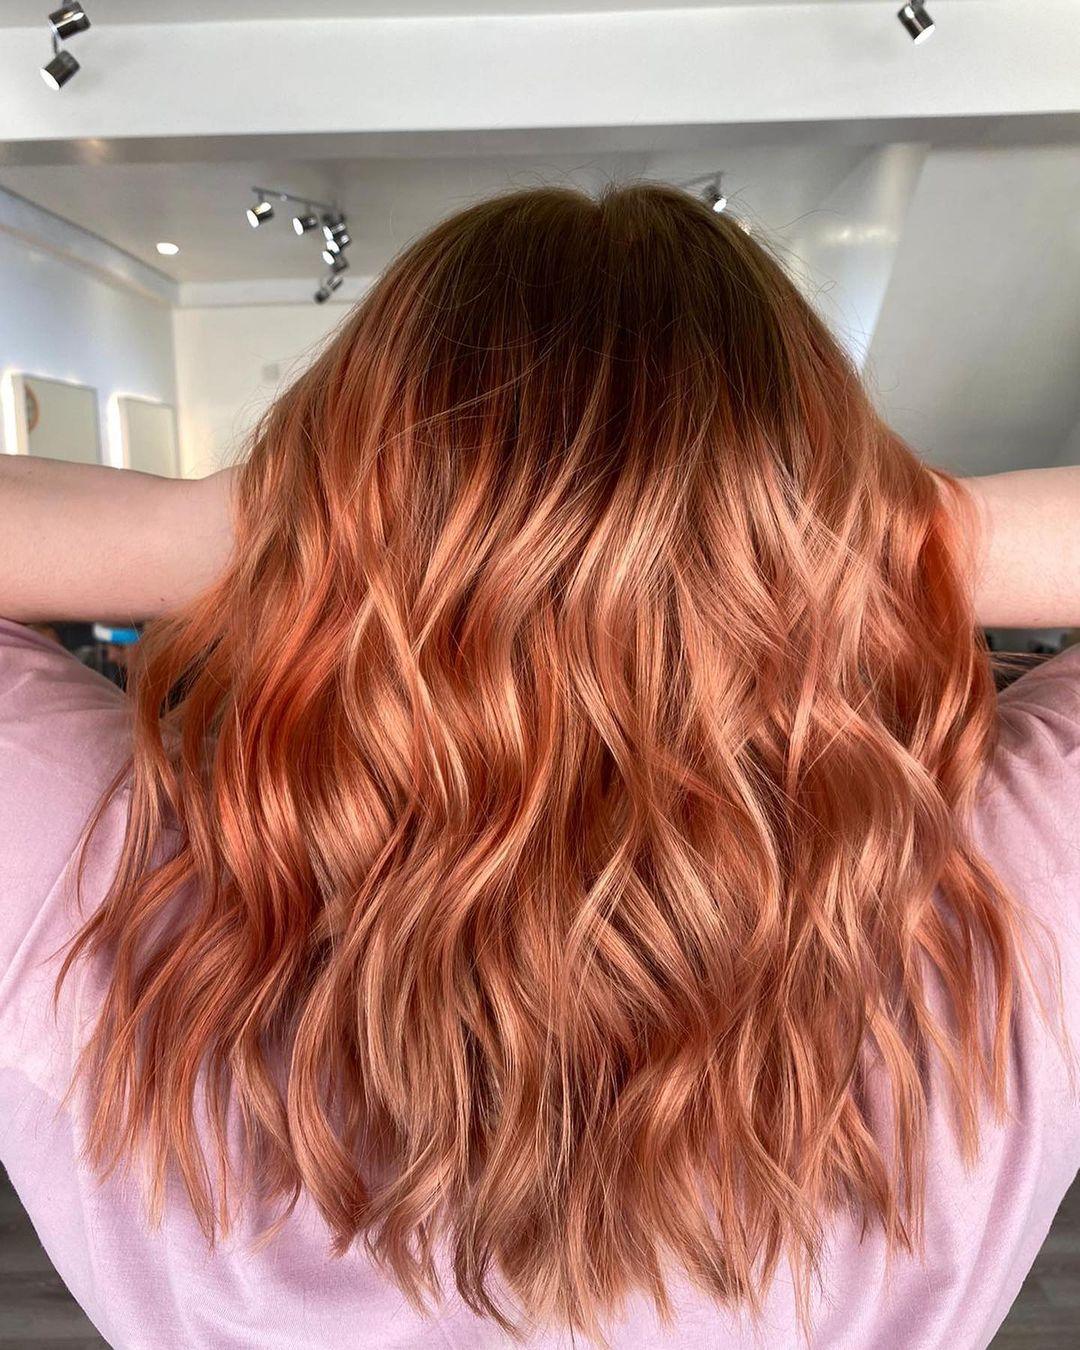 hair colour sale at amour hair salon in Salford